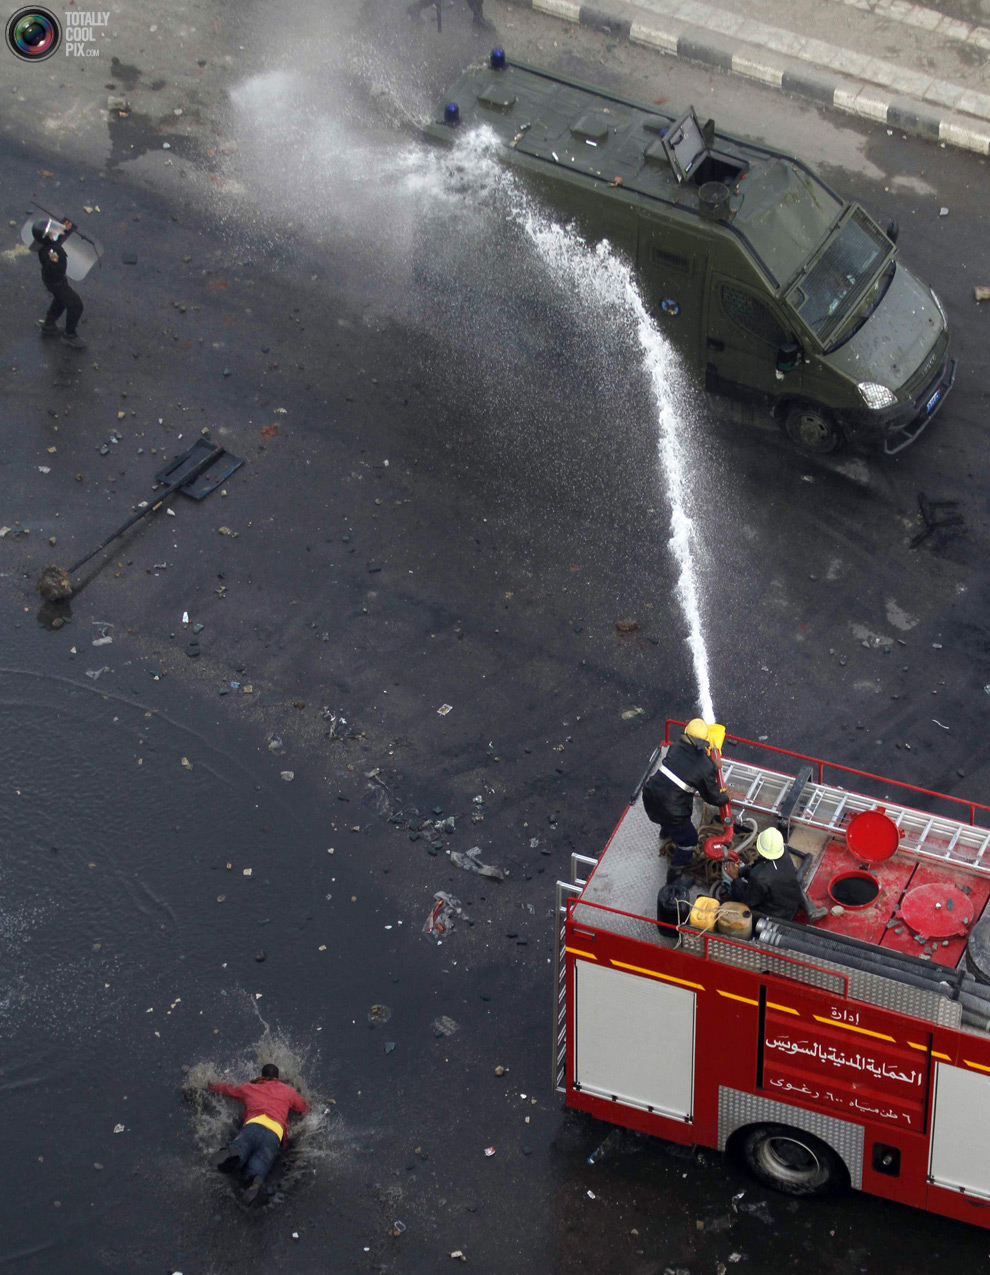 يطفأون عربة طالتها النيران